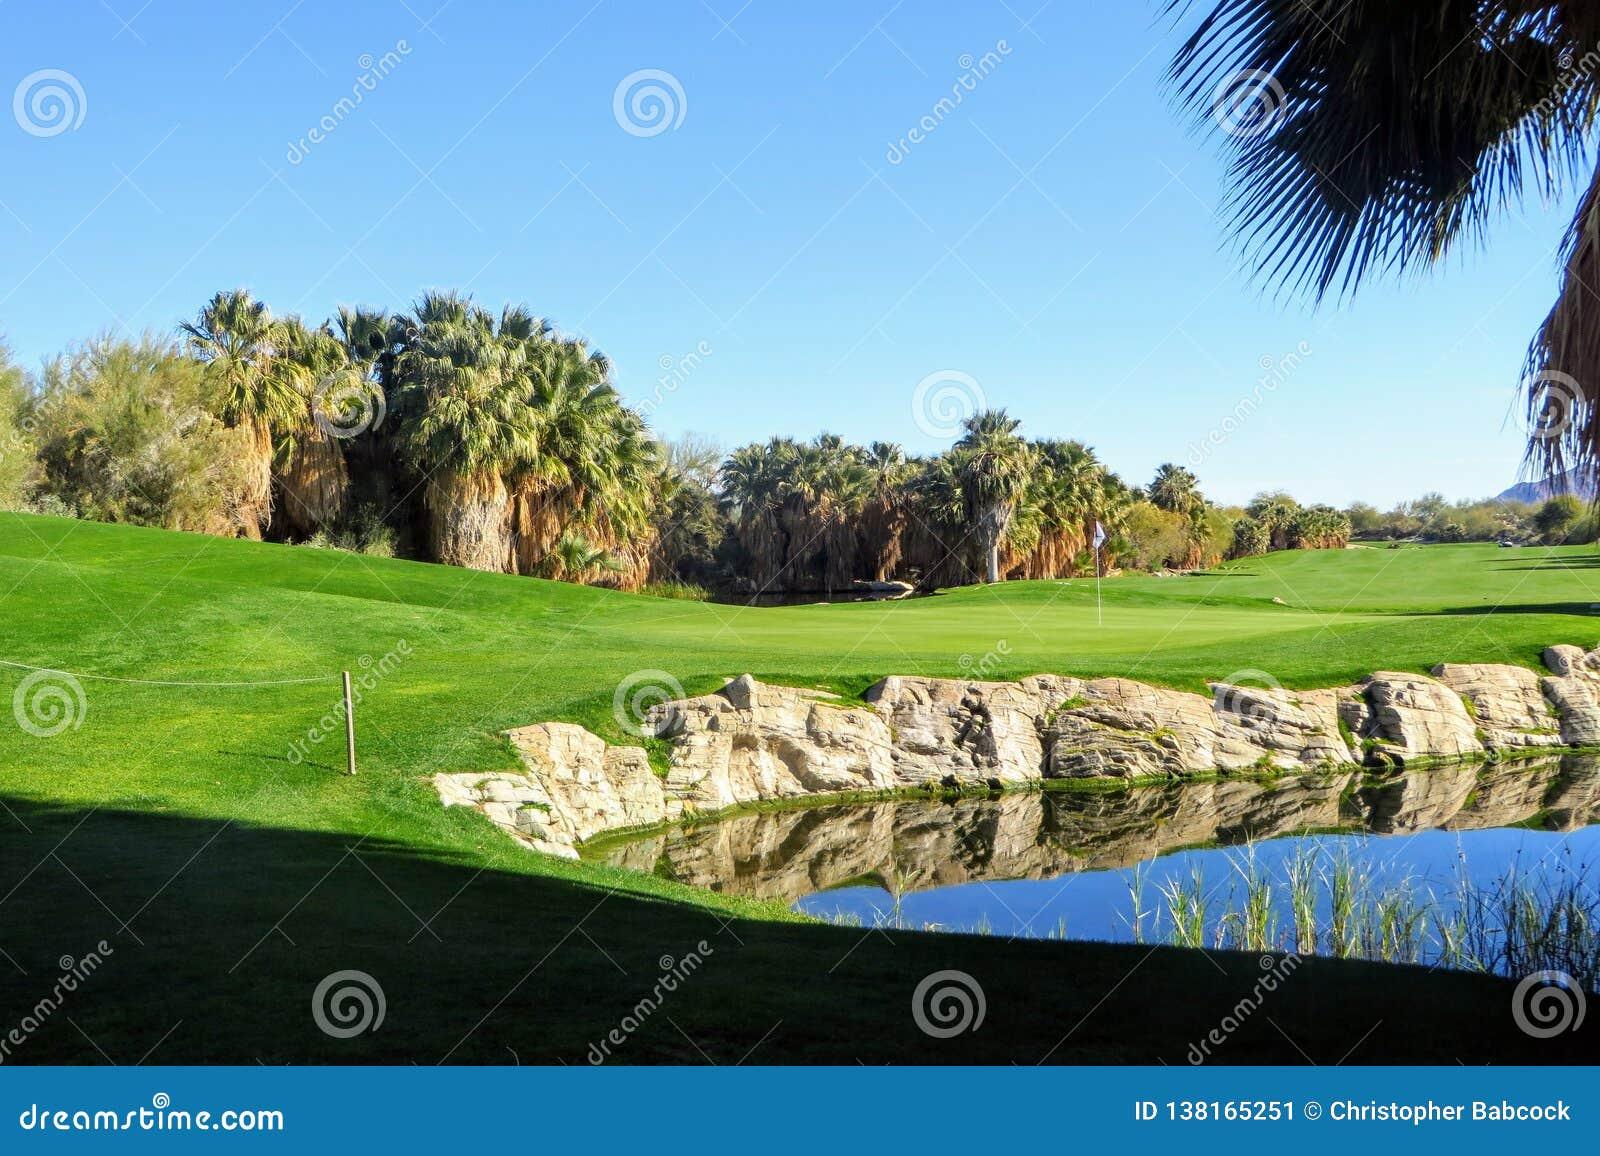 Derrière la vue verte d un beaux trou et vert de golf entourés par des palmiers et un étang dans le Palm Springs, la Californie